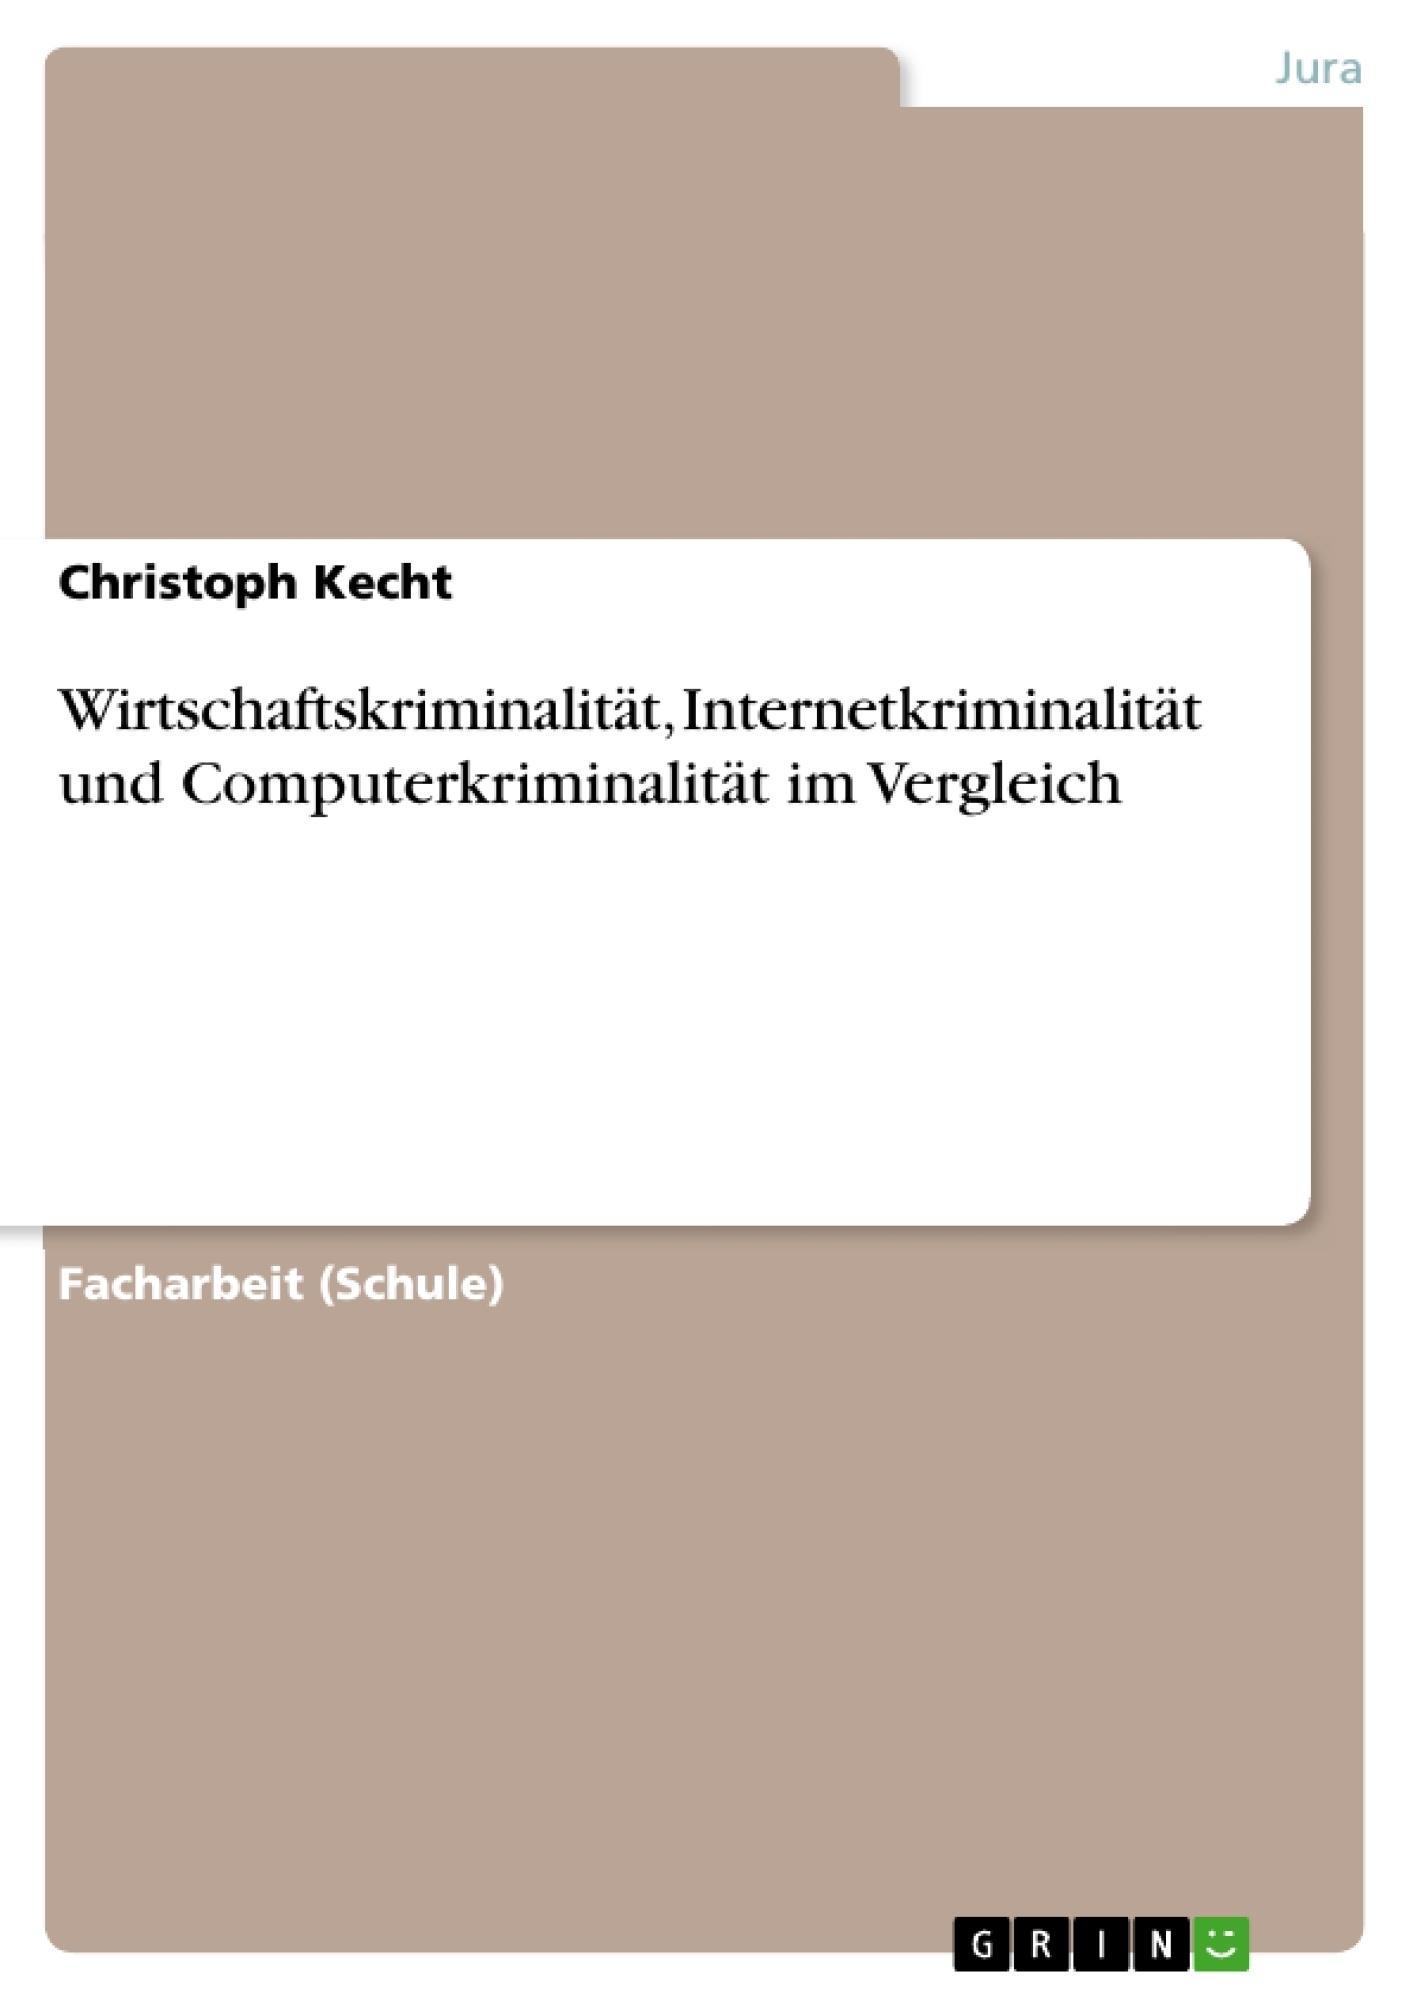 Titel: Wirtschaftskriminalität, Internetkriminalität und Computerkriminalität im Vergleich